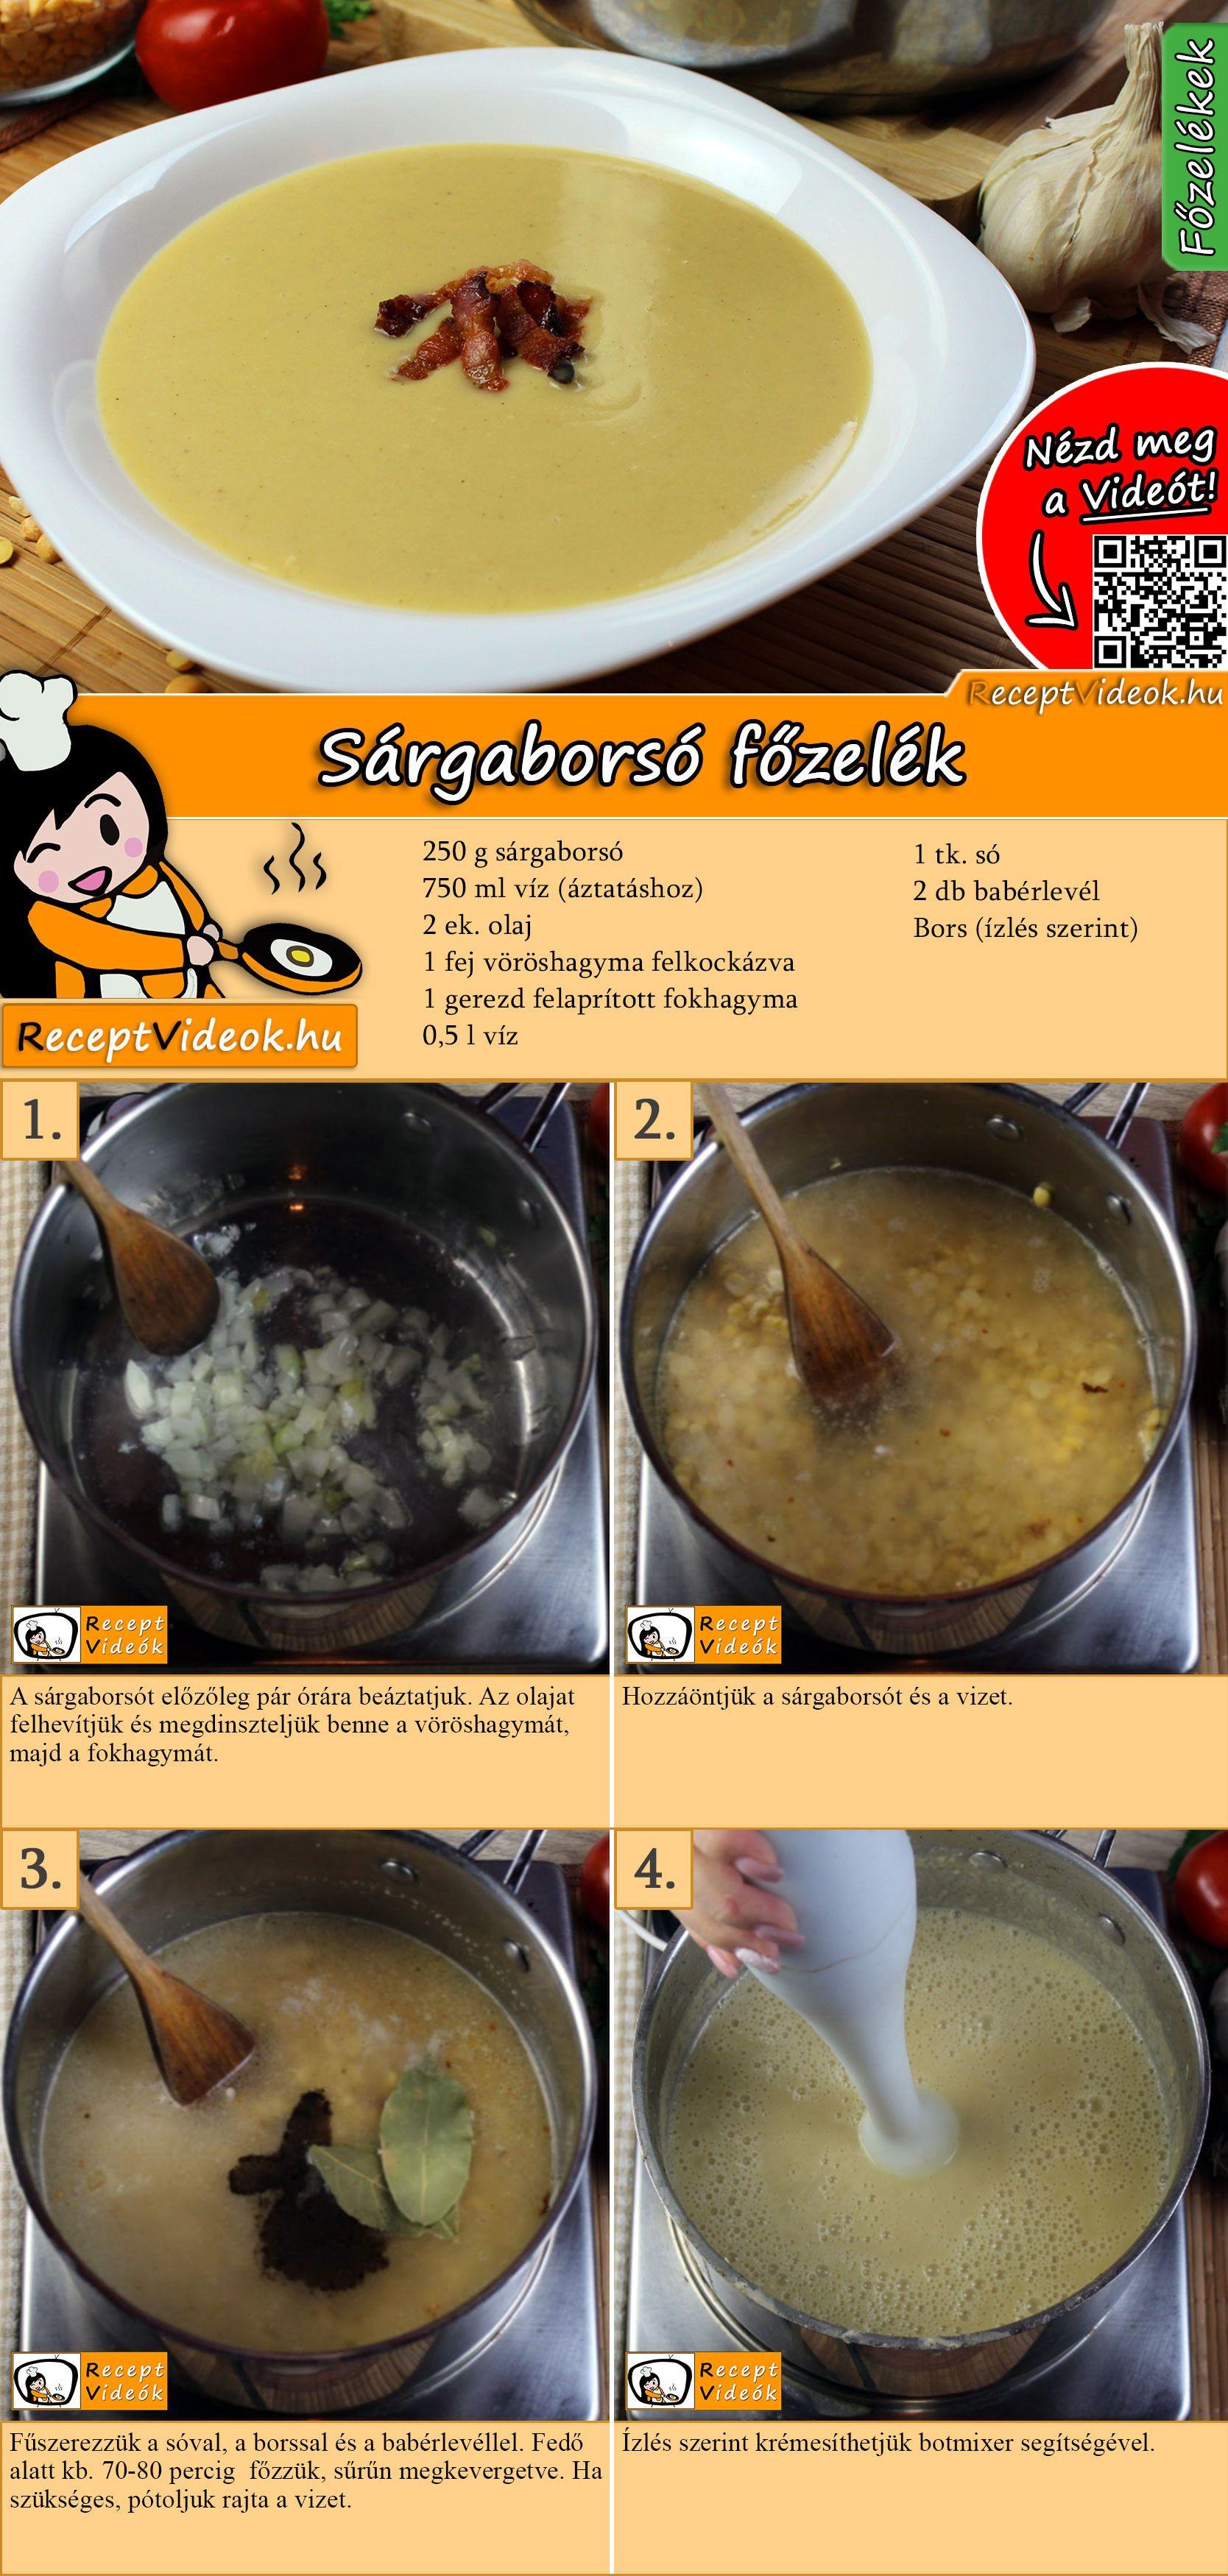 Klasszikus sárgaborsó főzelék recept